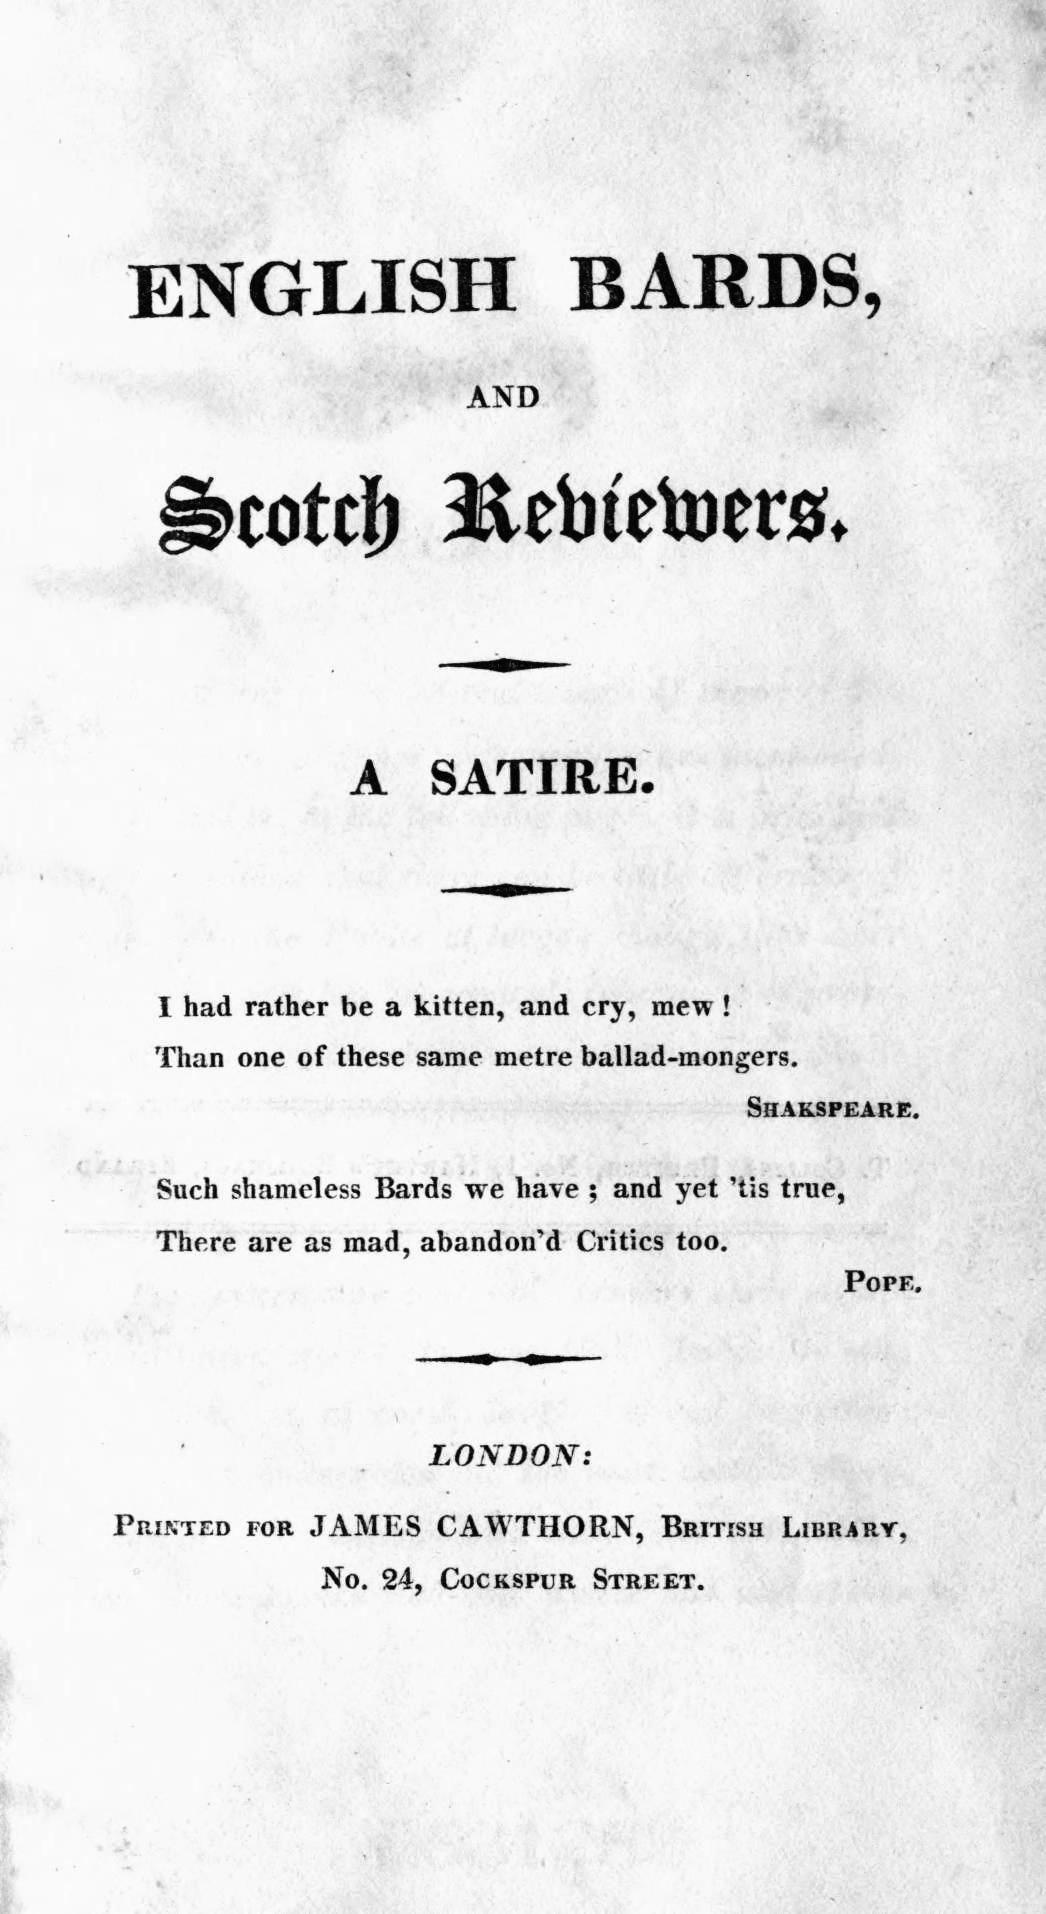 English Bards And Scotch Reviewers Wikipedia